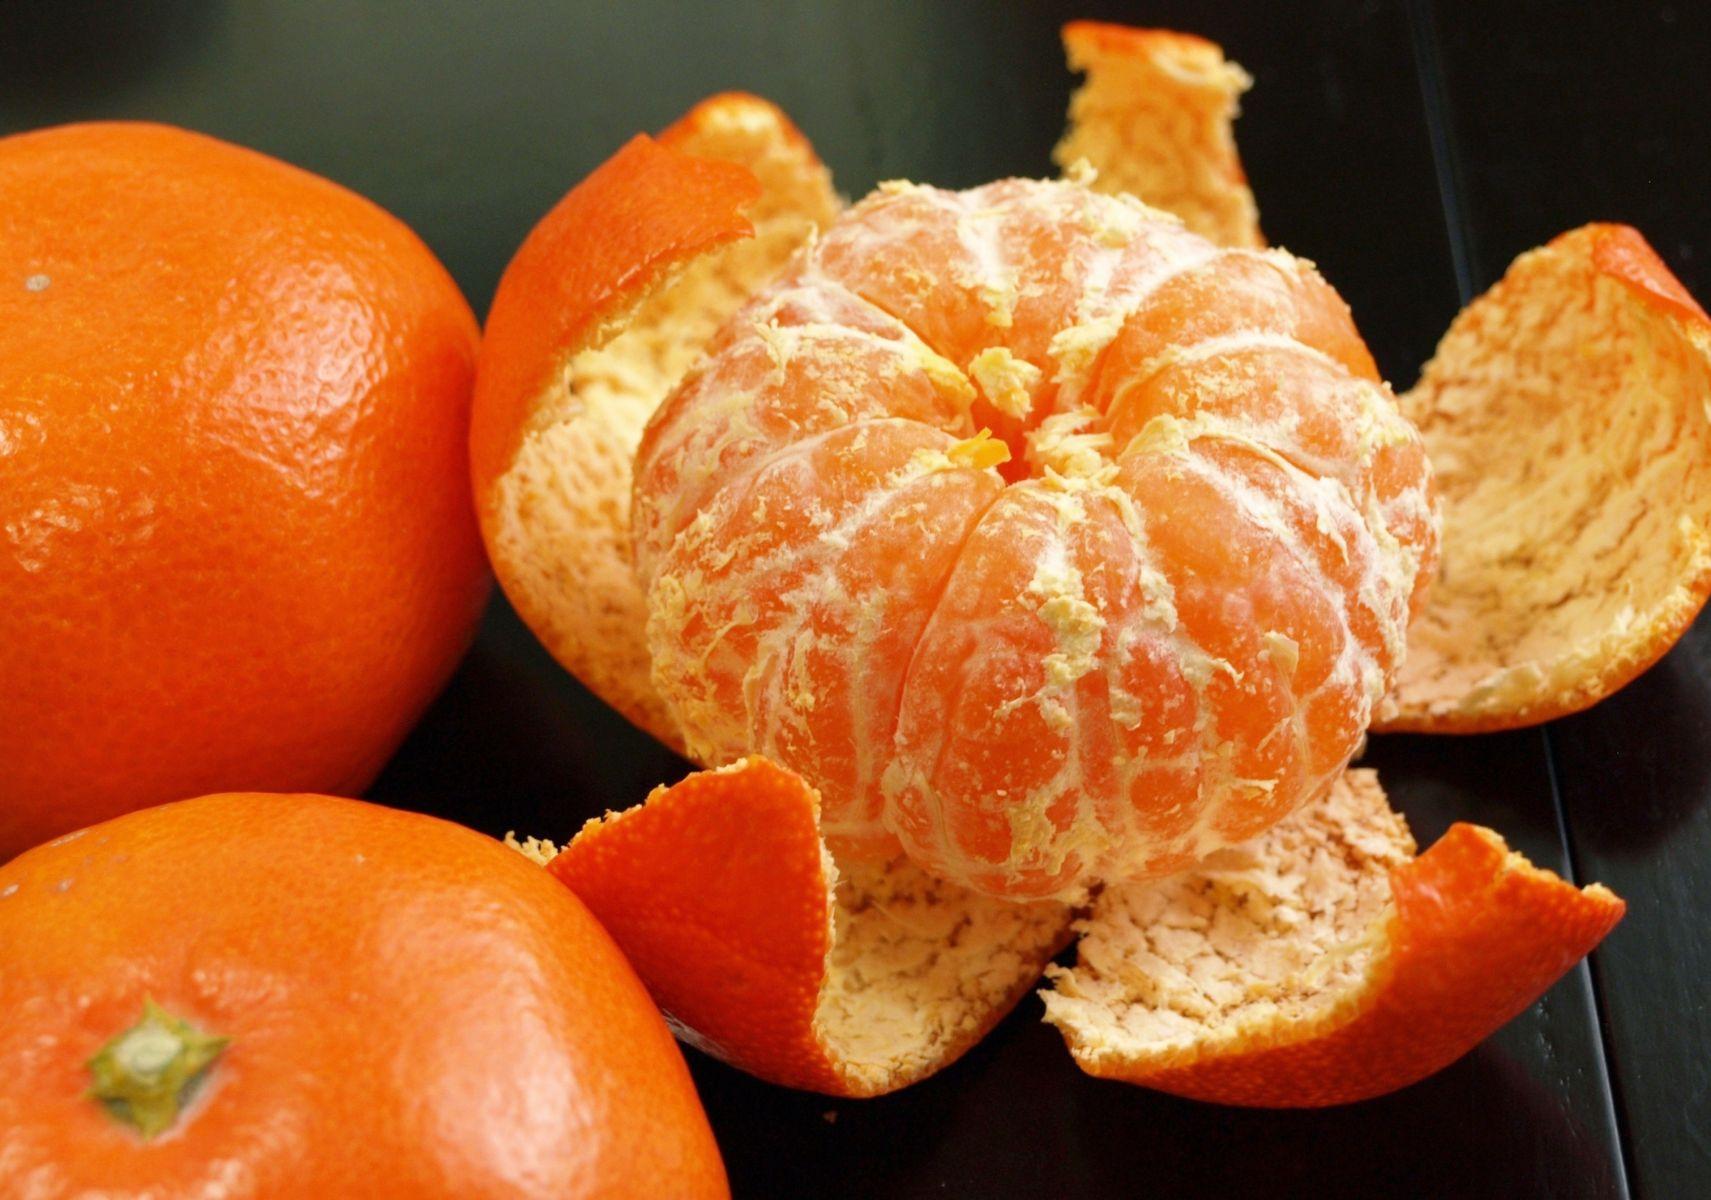 一個橘子全身都是藥!預防癌症、預防心血管疾病,這樣吃幫助止胃寒、治感冒